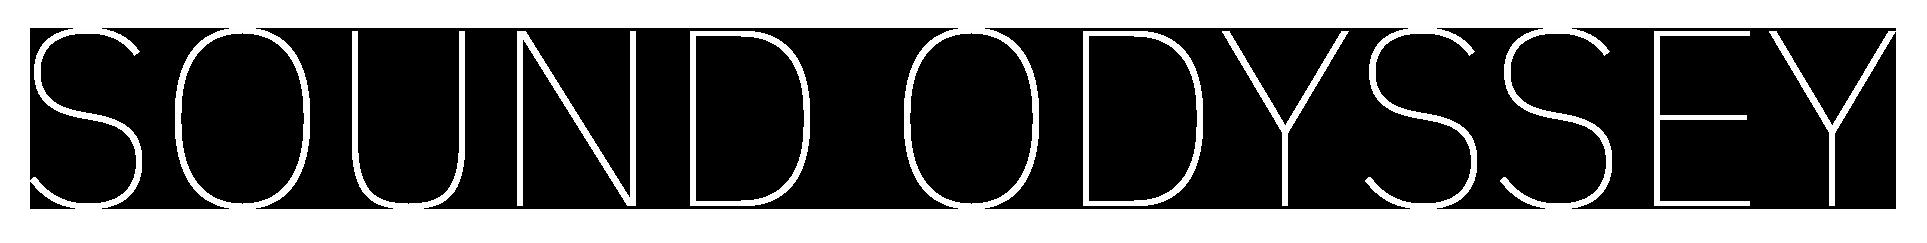 Sound Odyssey